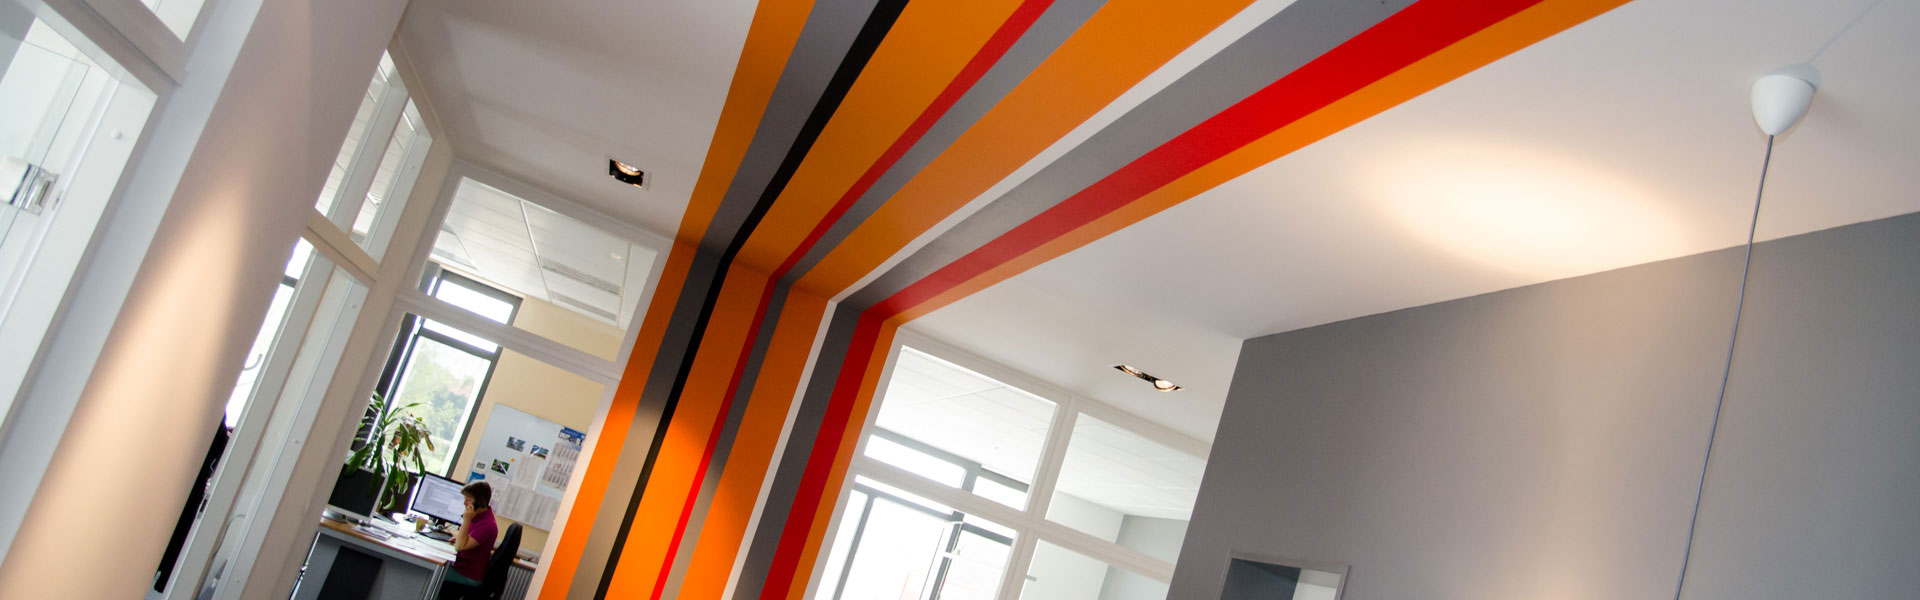 malermeister lackierermeister dr ger maler hildesheim nordstemmen. Black Bedroom Furniture Sets. Home Design Ideas